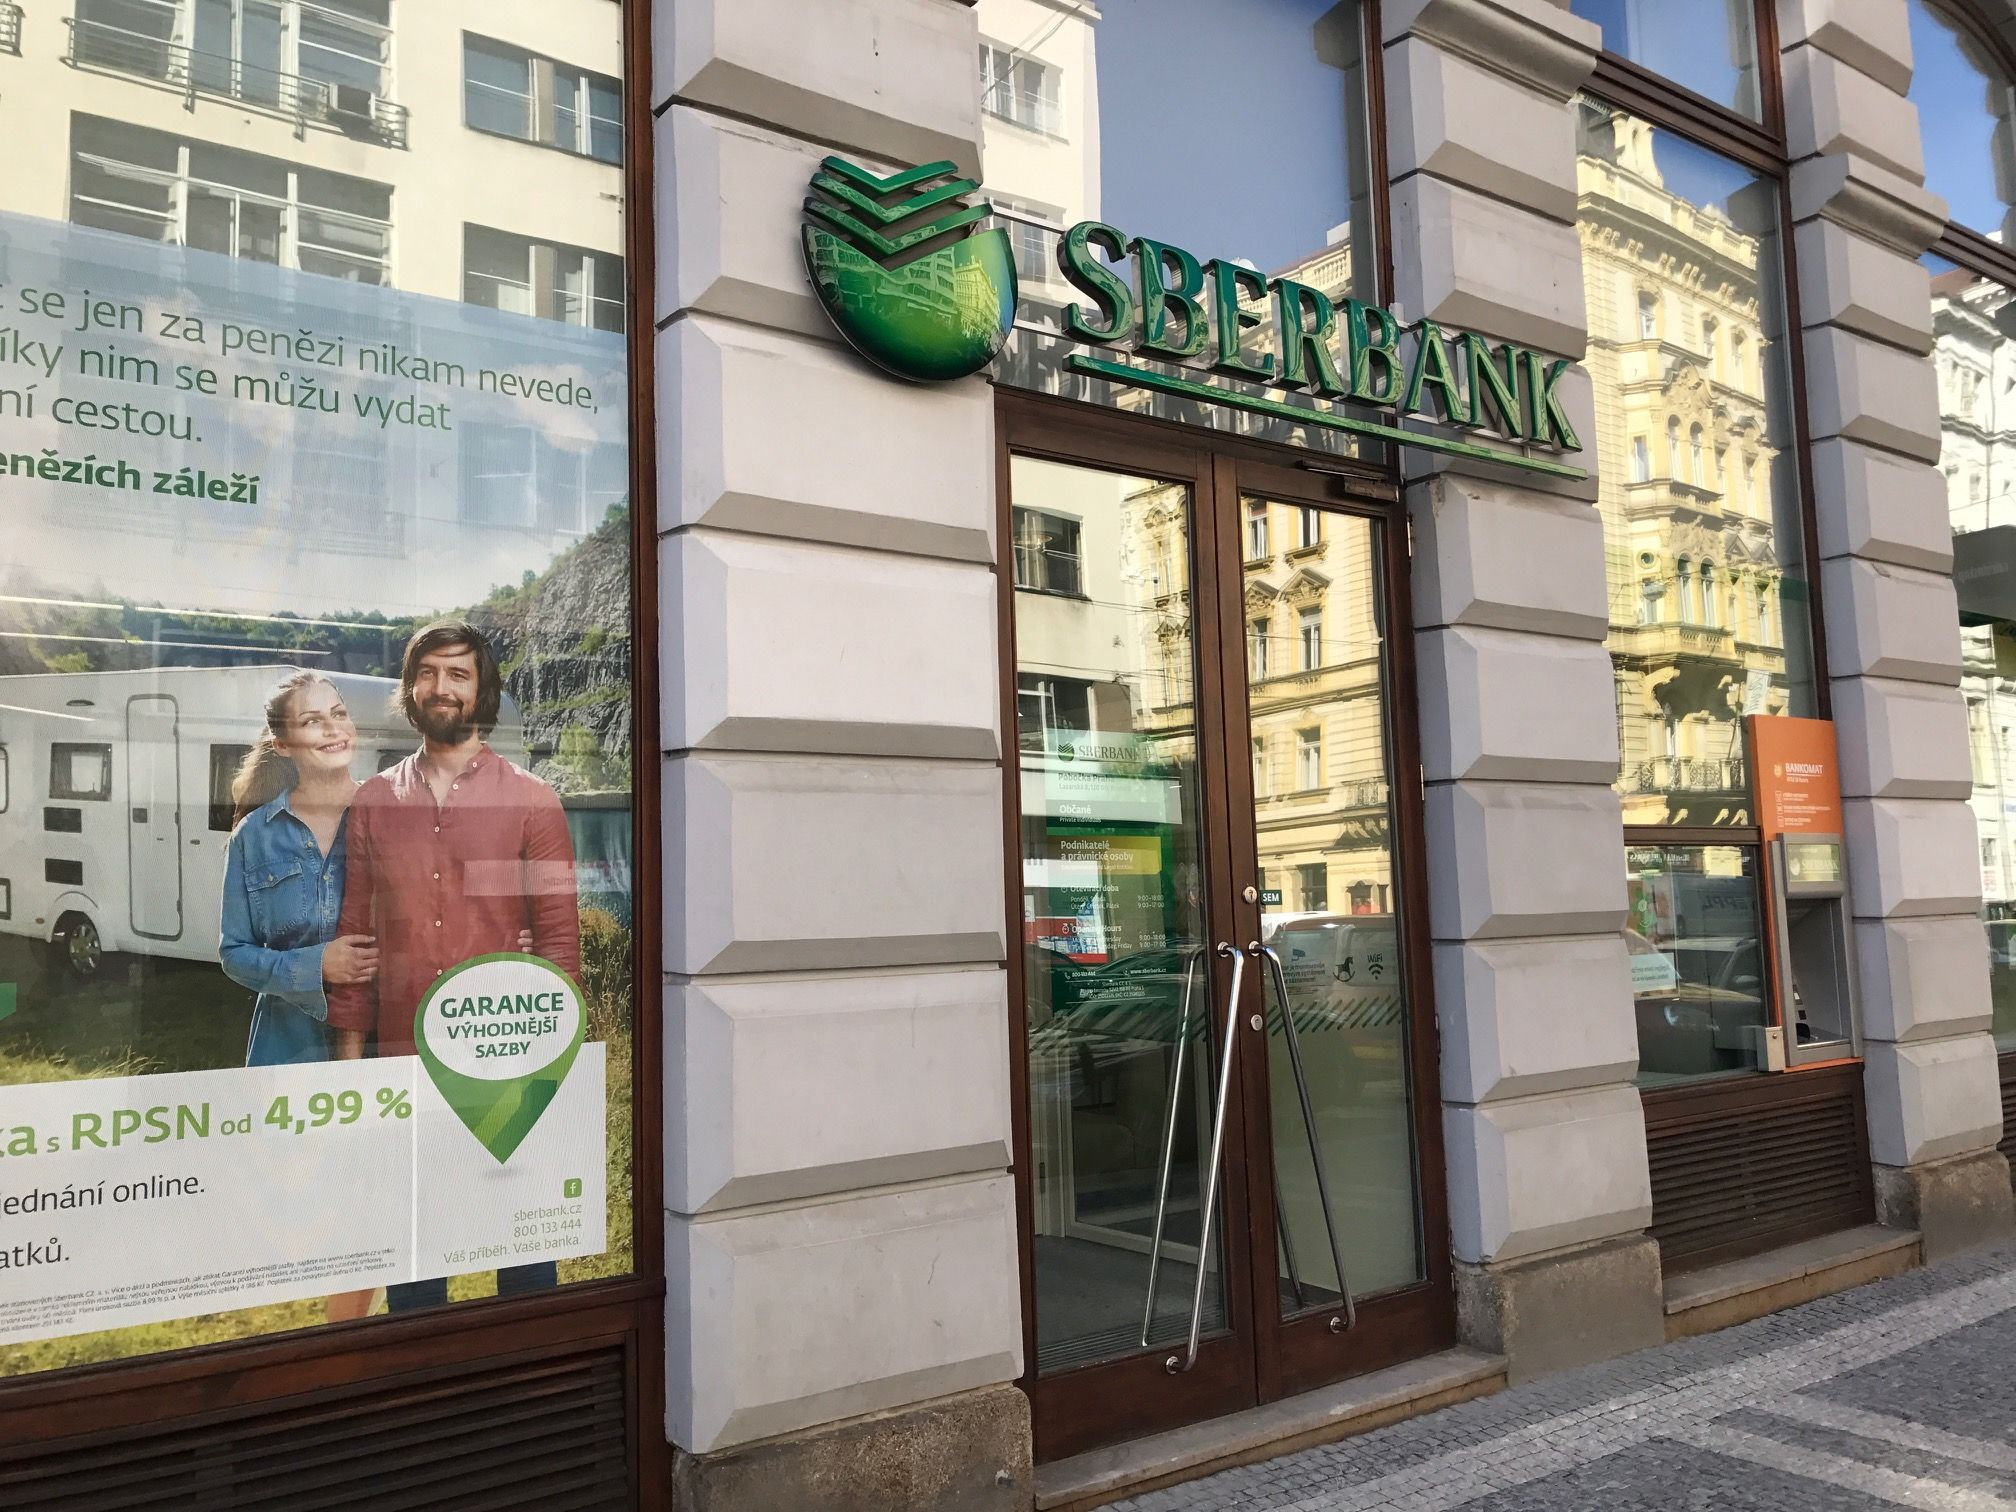 Fotografie pobočky Sberbank v ulici Lazarská